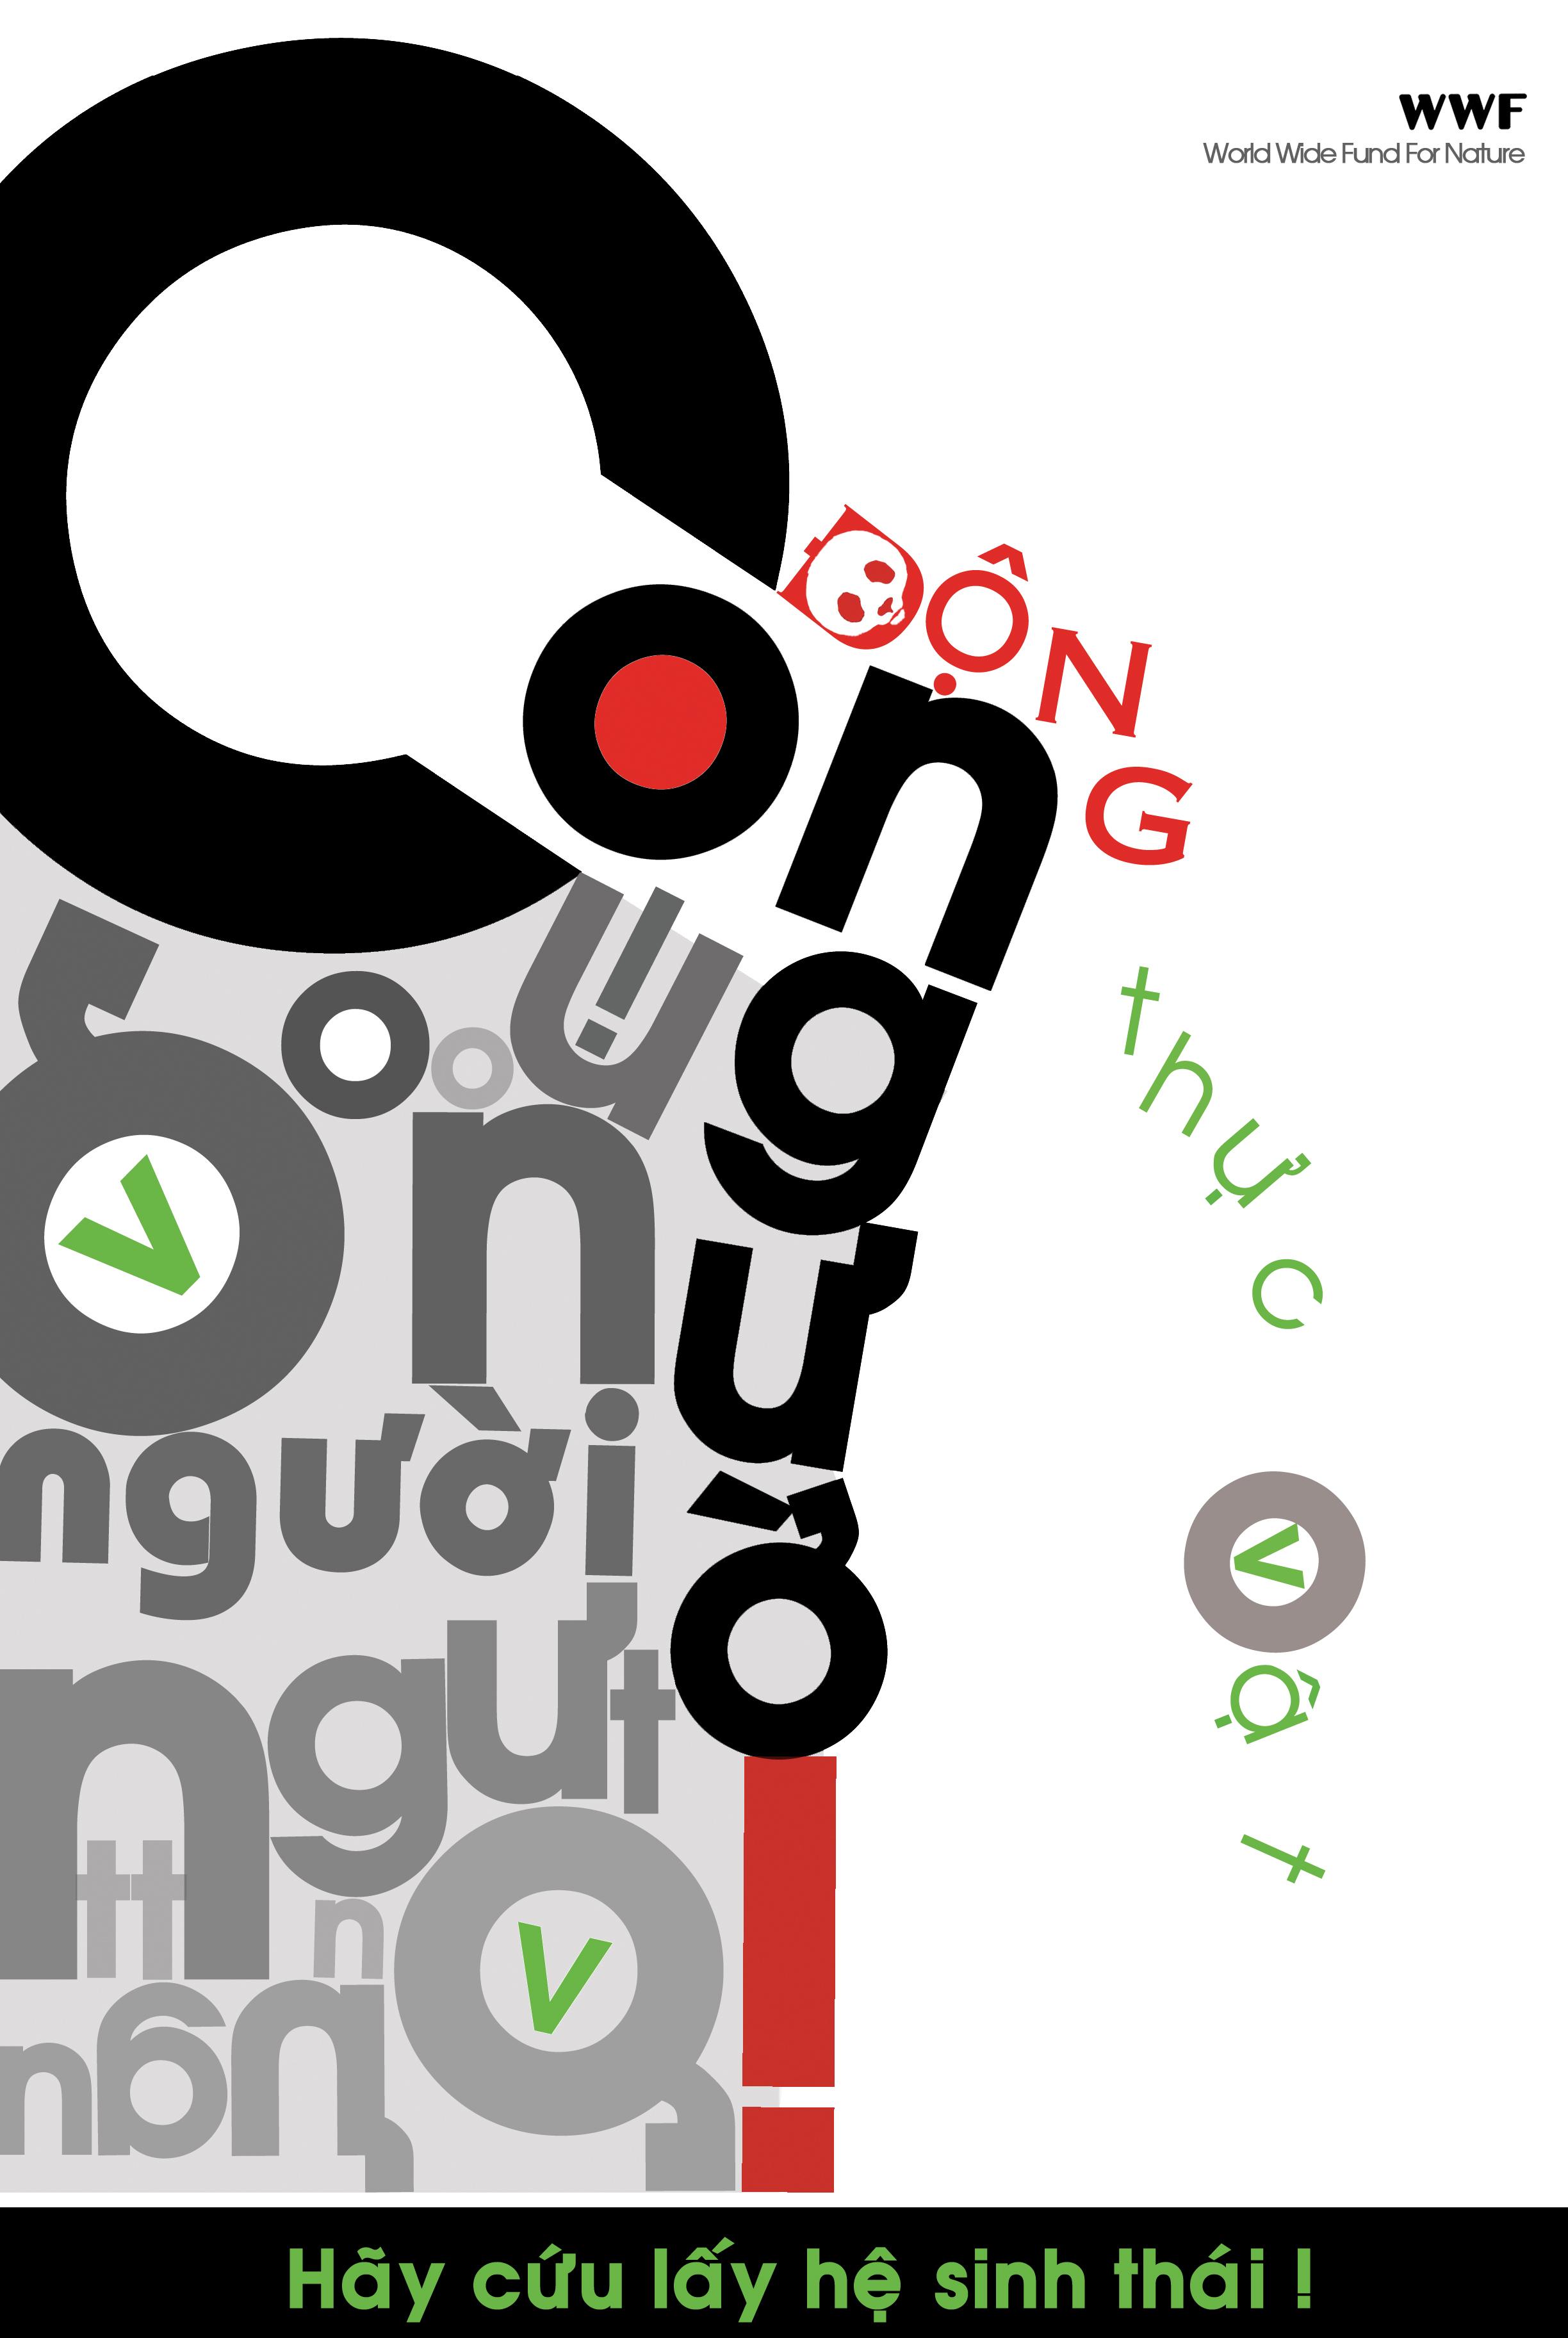 Sử dụng fonts chữ để nhấn mạnh.